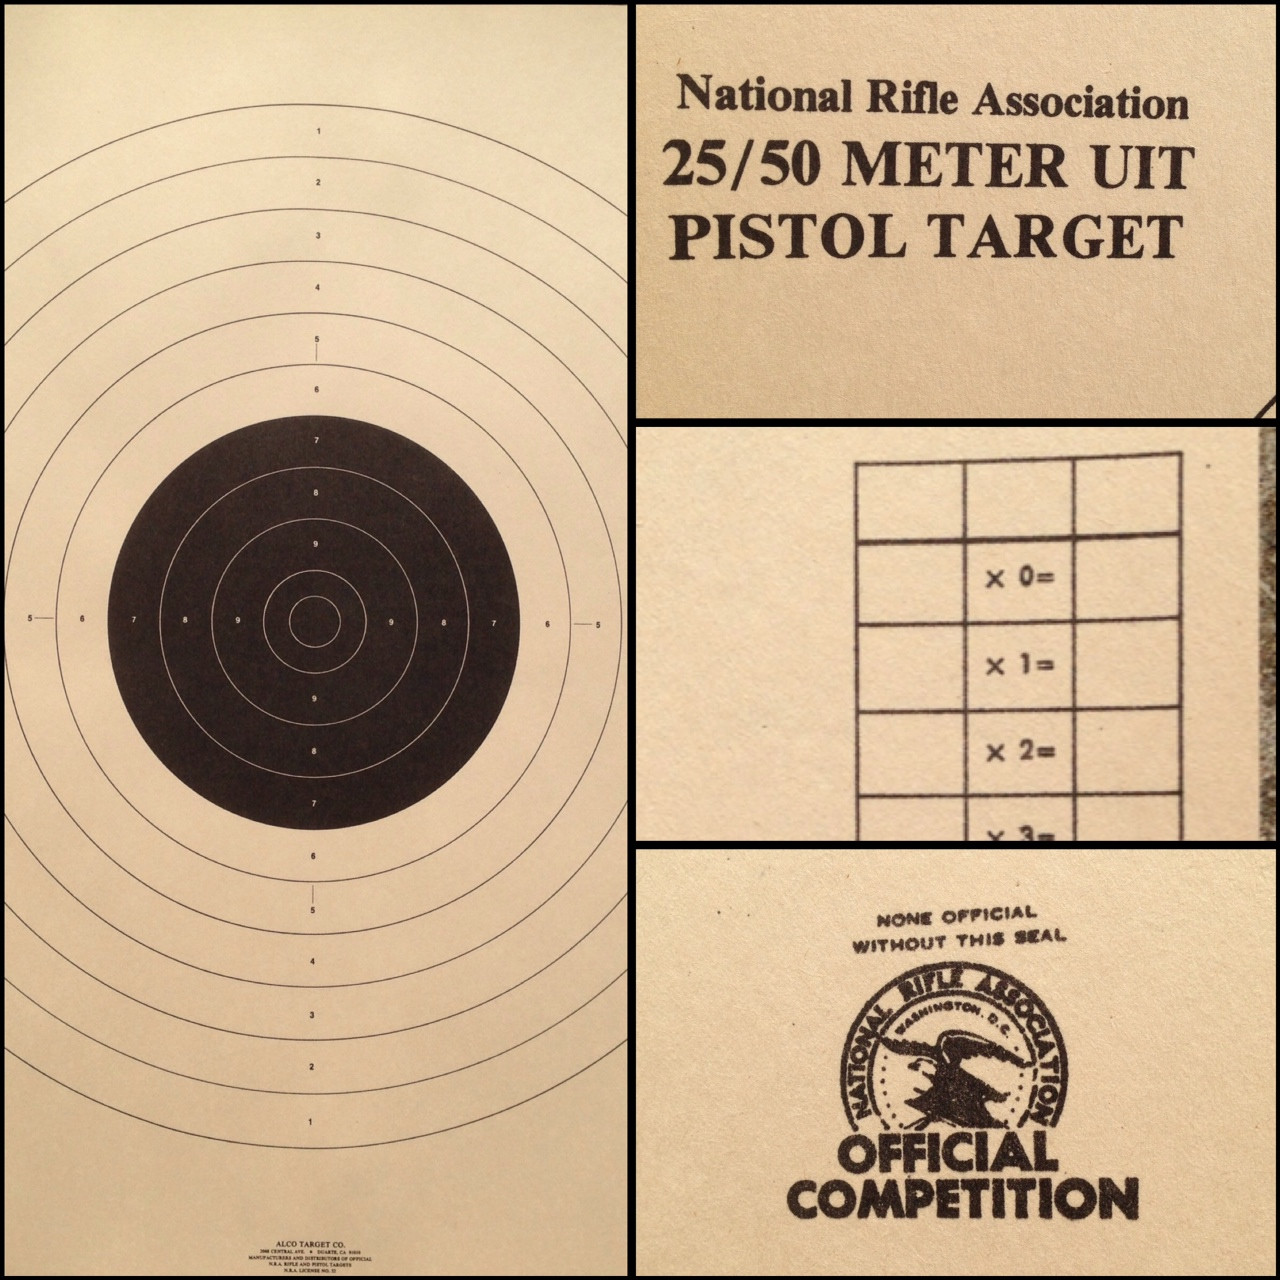 B-17 Pistol Shooting Target